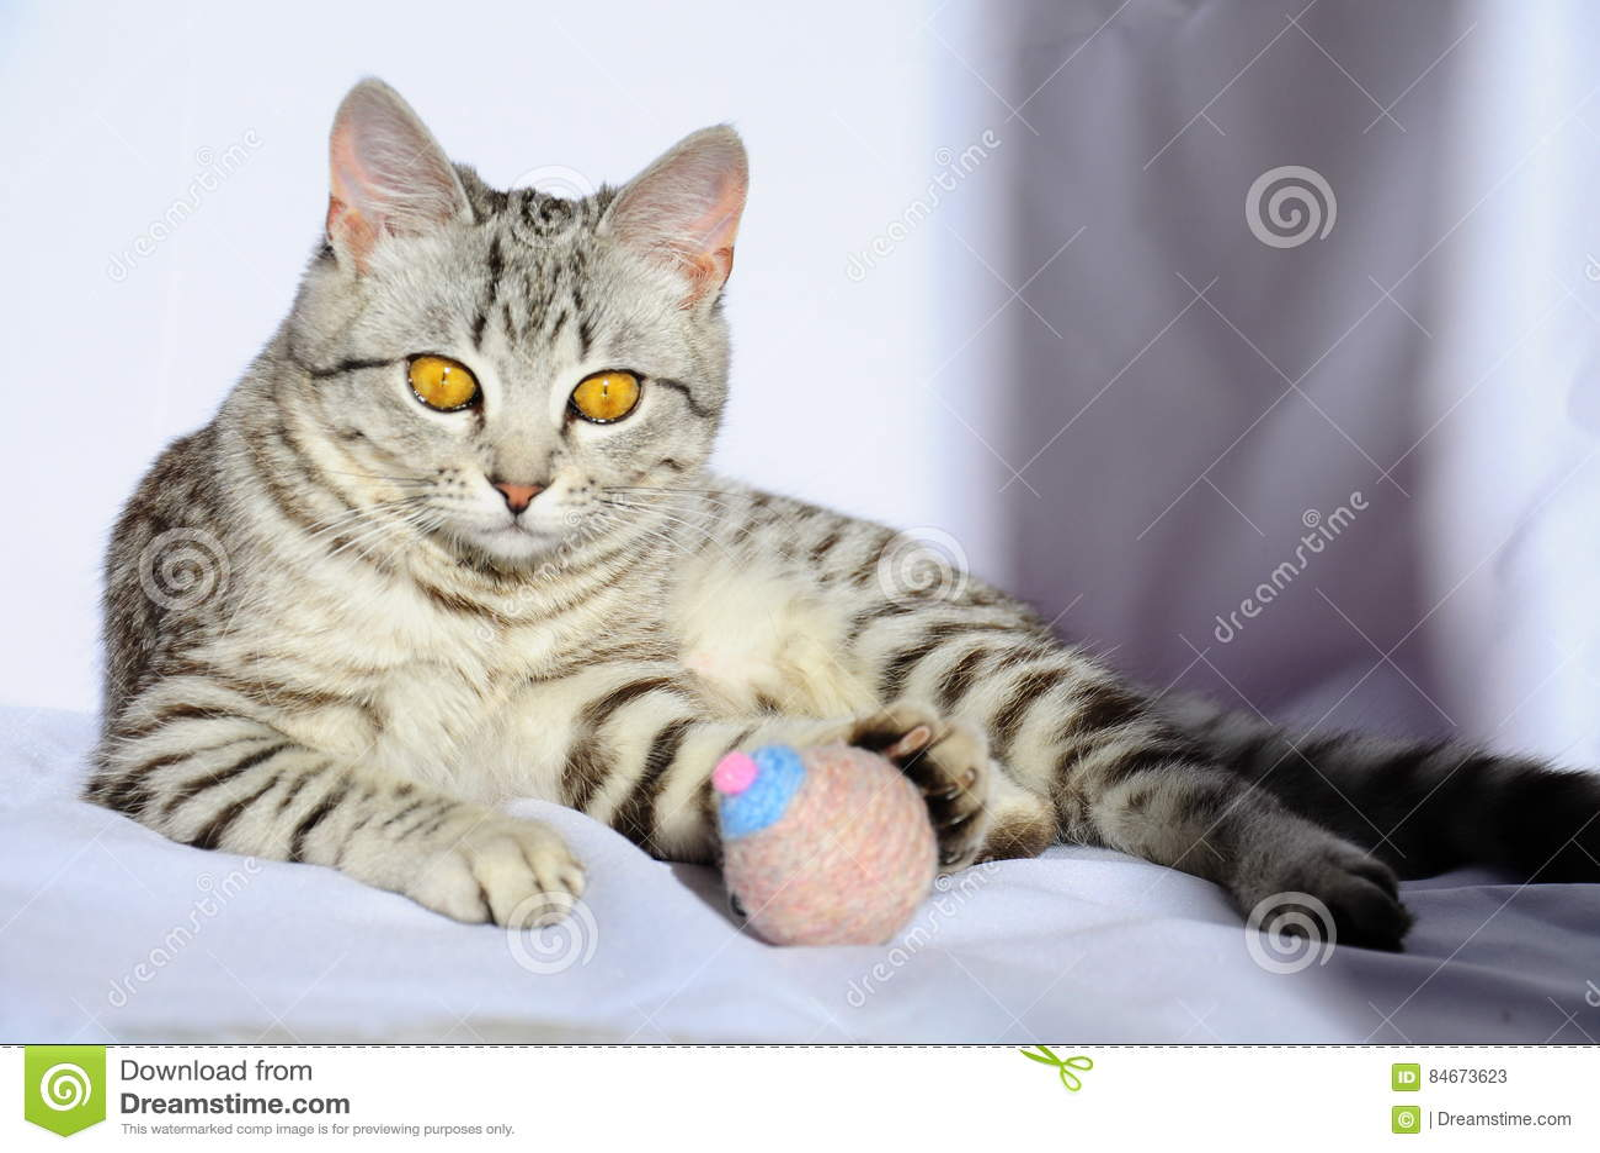 Mooie grijze kat met grote ogen die op de vloer liggen